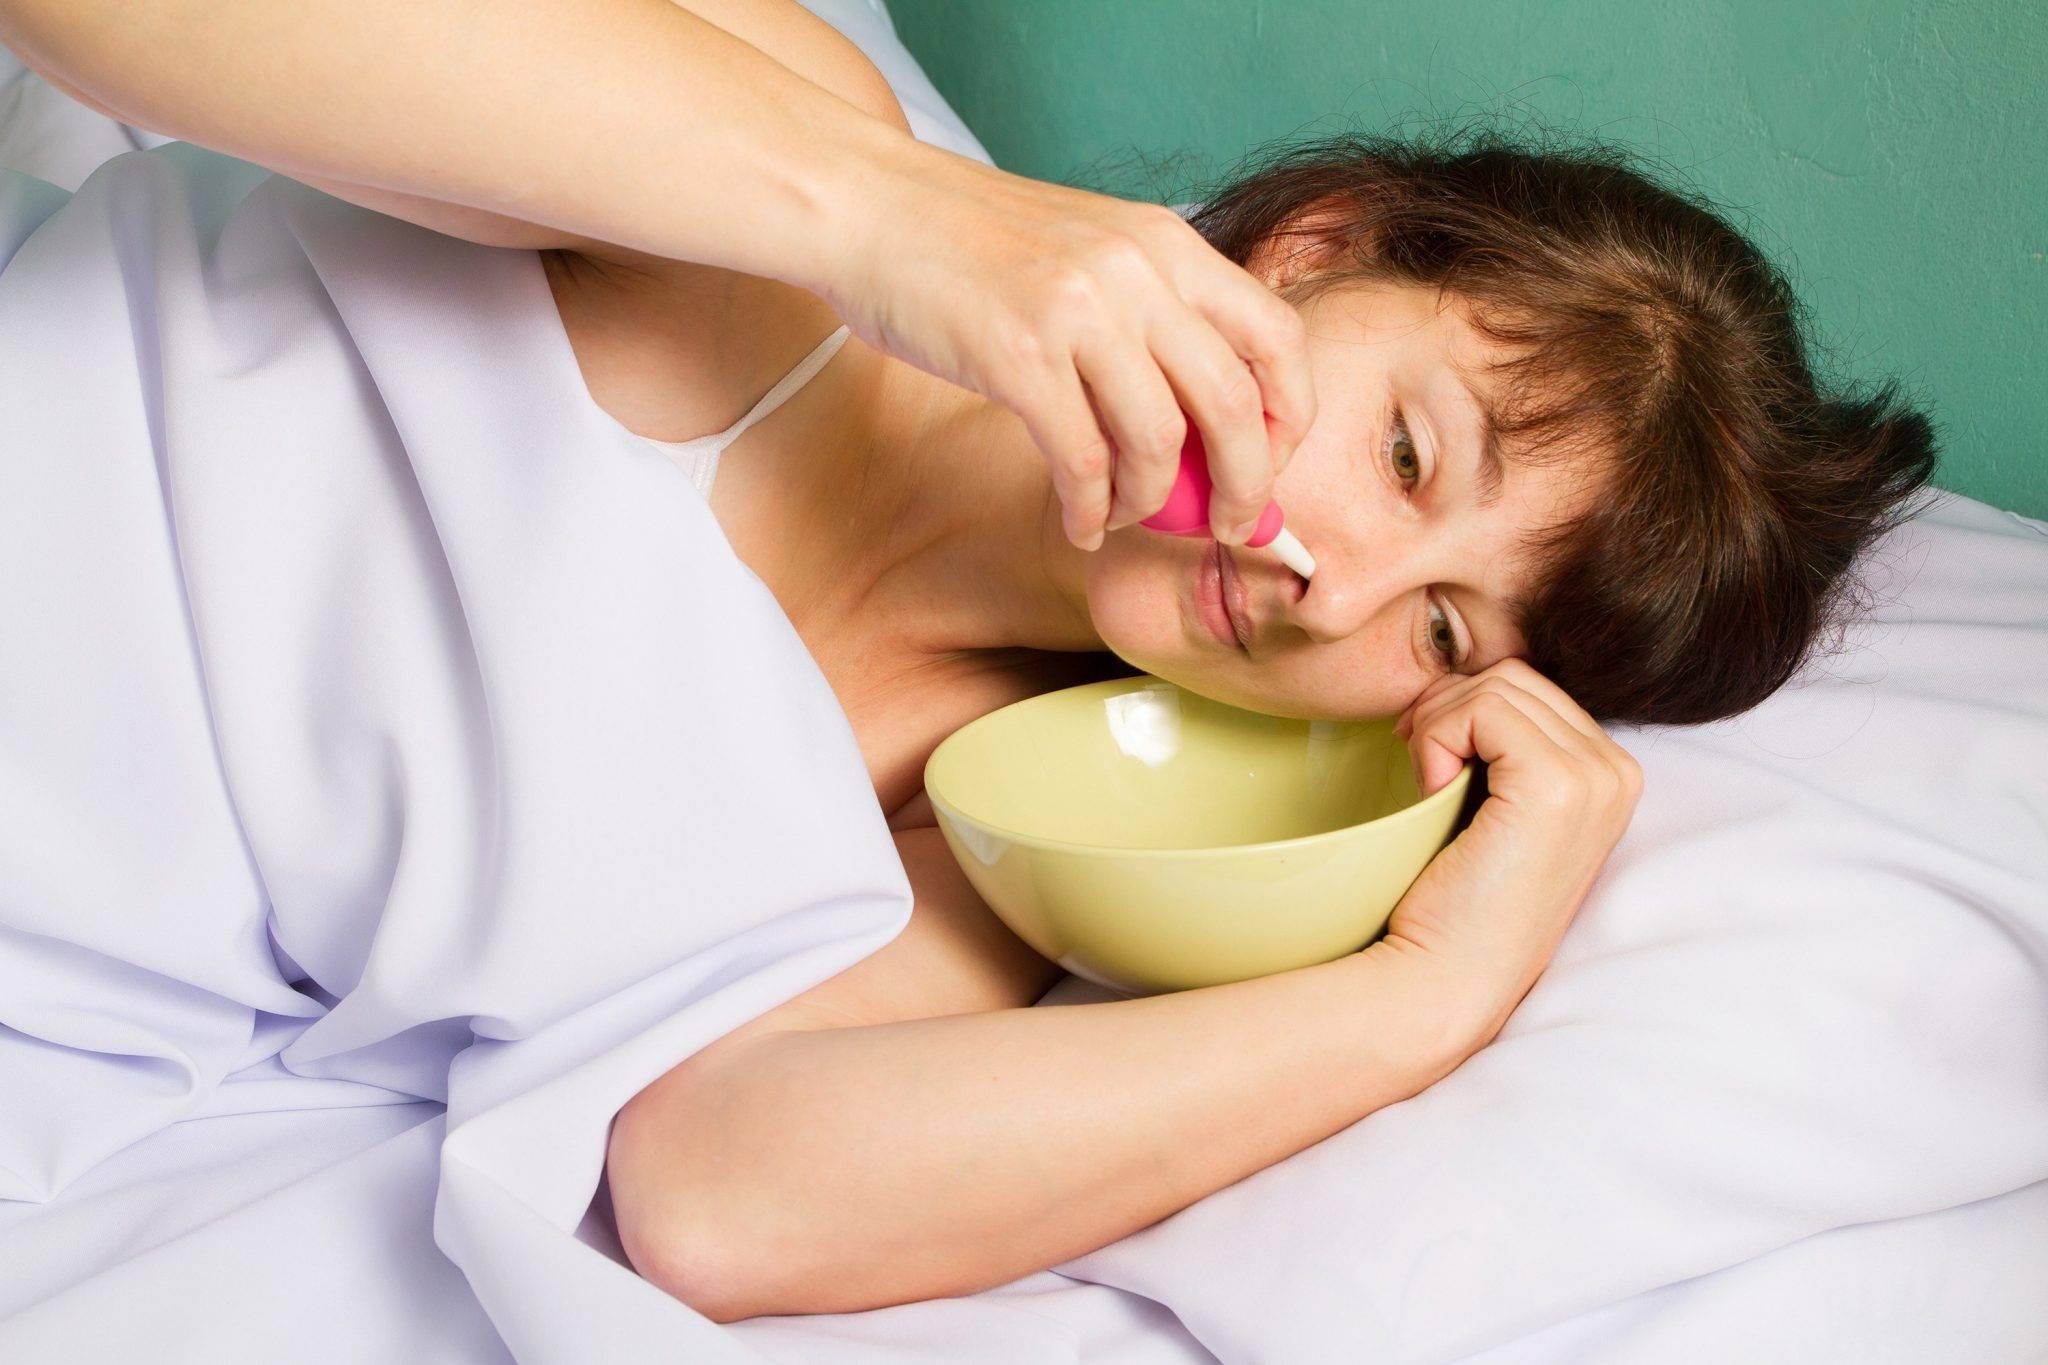 Грибковые инфекции уха, горла, носа, миндалин. эффективное лечение отомикозов, фарингомикозов и грибковых гайморитов у взрослых и детей